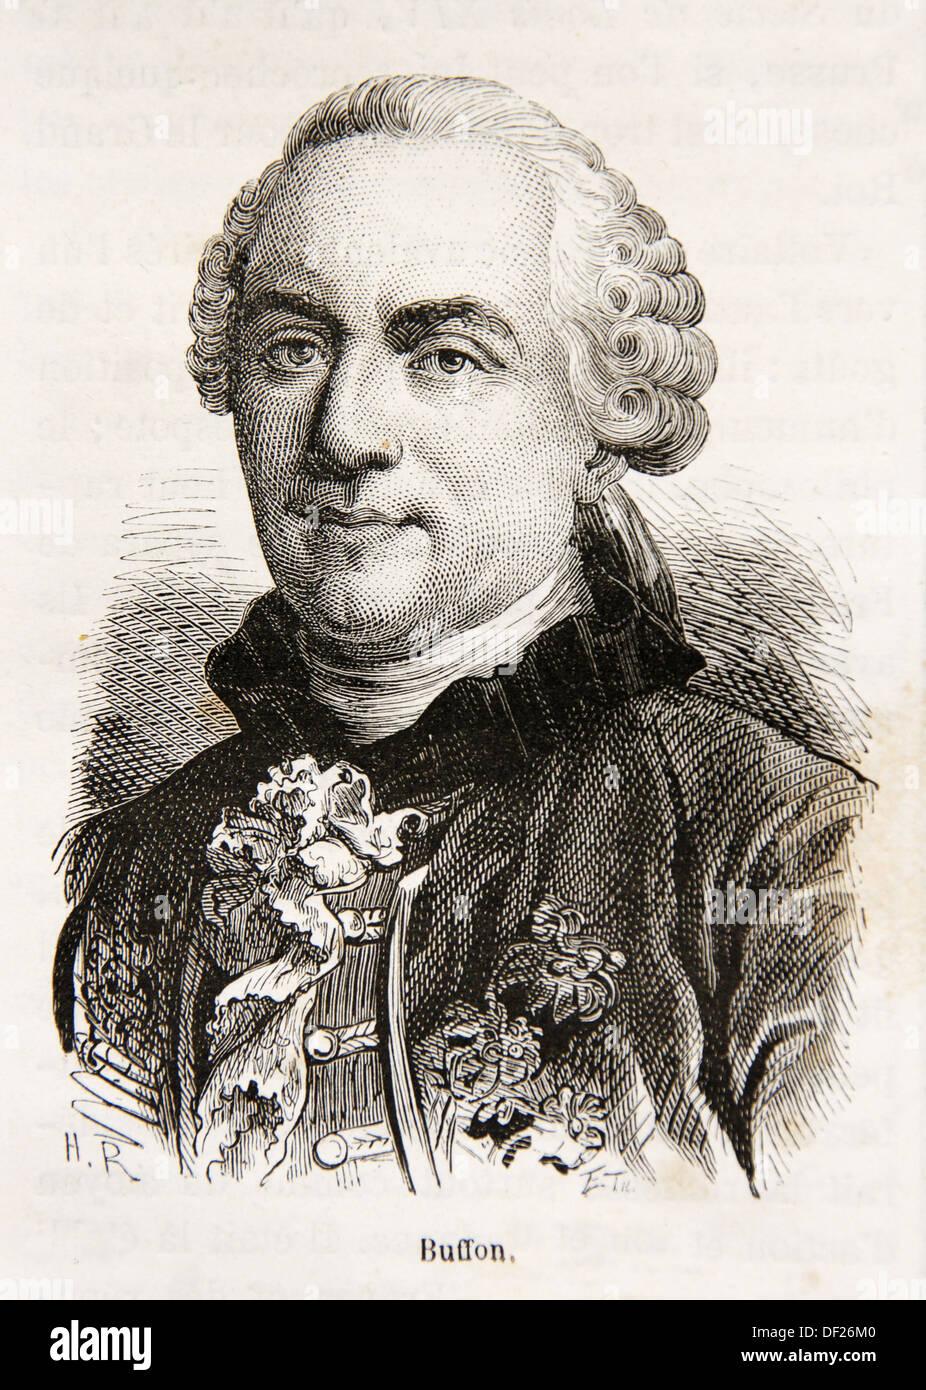 Georges-Louis Leclerc, Comte de BUFFON 7 September 1707 - 16 April 1788 was - georges-louis-leclerc-comte-de-buffon-7-september-1707-16-april-1788-DF26M0